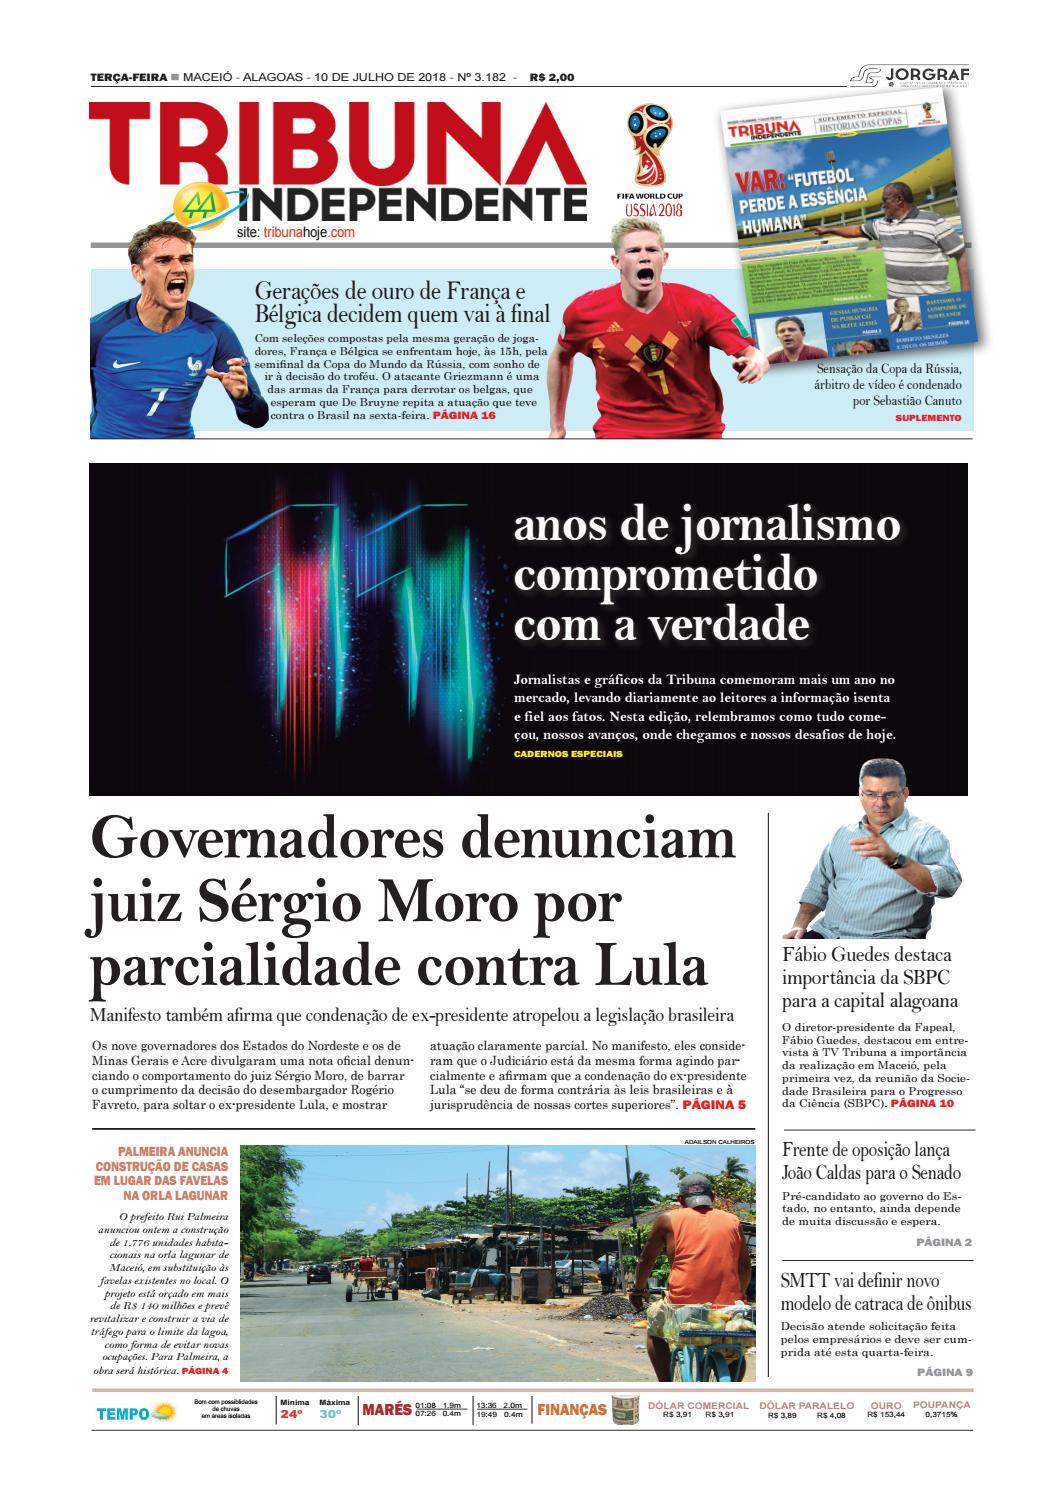 Edição número 3182 - 10 de julho de 2018 by Tribuna Hoje - issuu cba1b3bbc54cd